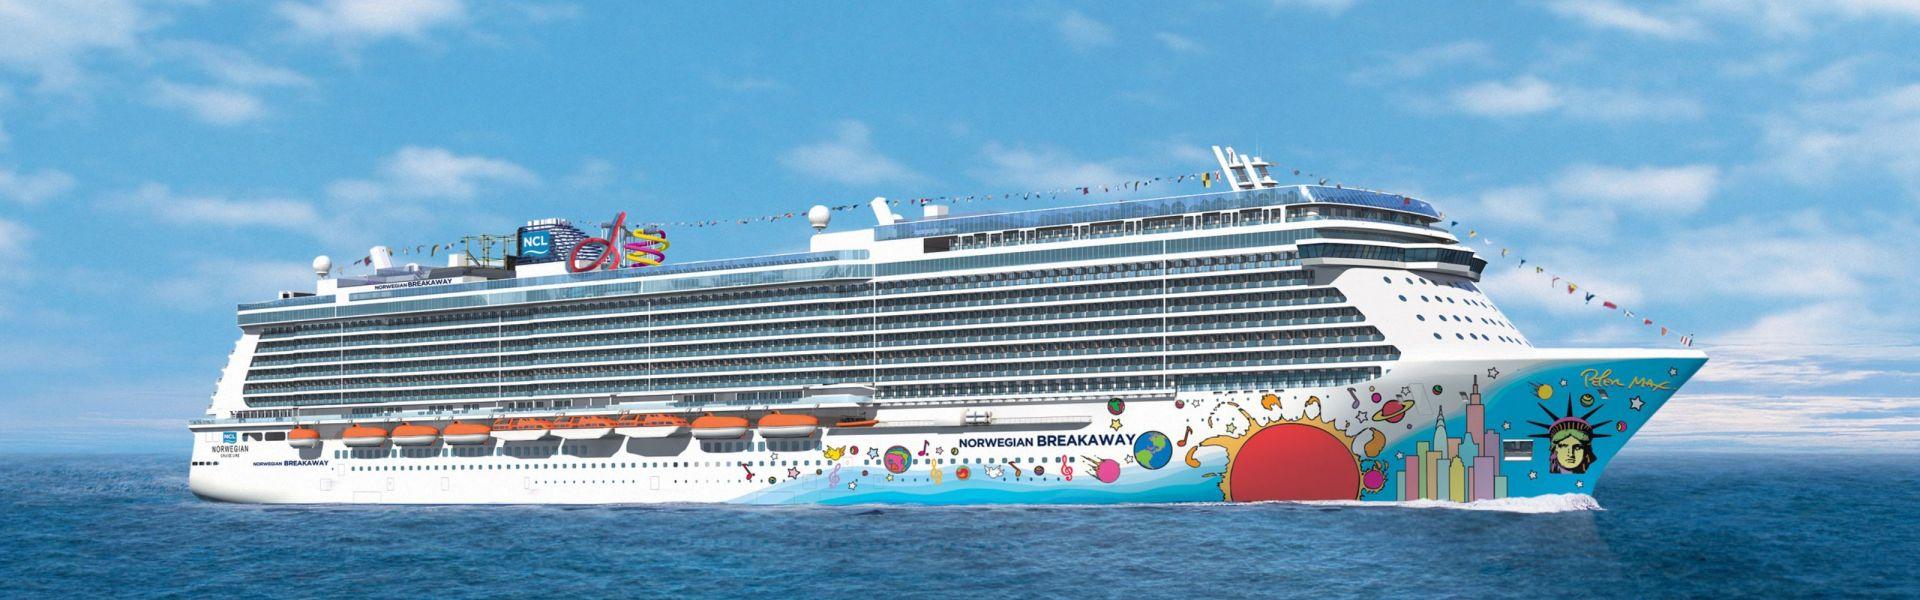 Croaziera 2018 - Caraibele de Sud (New York) - Norwegian Cruise Line - Norwegian Breakaway - 14 nopti